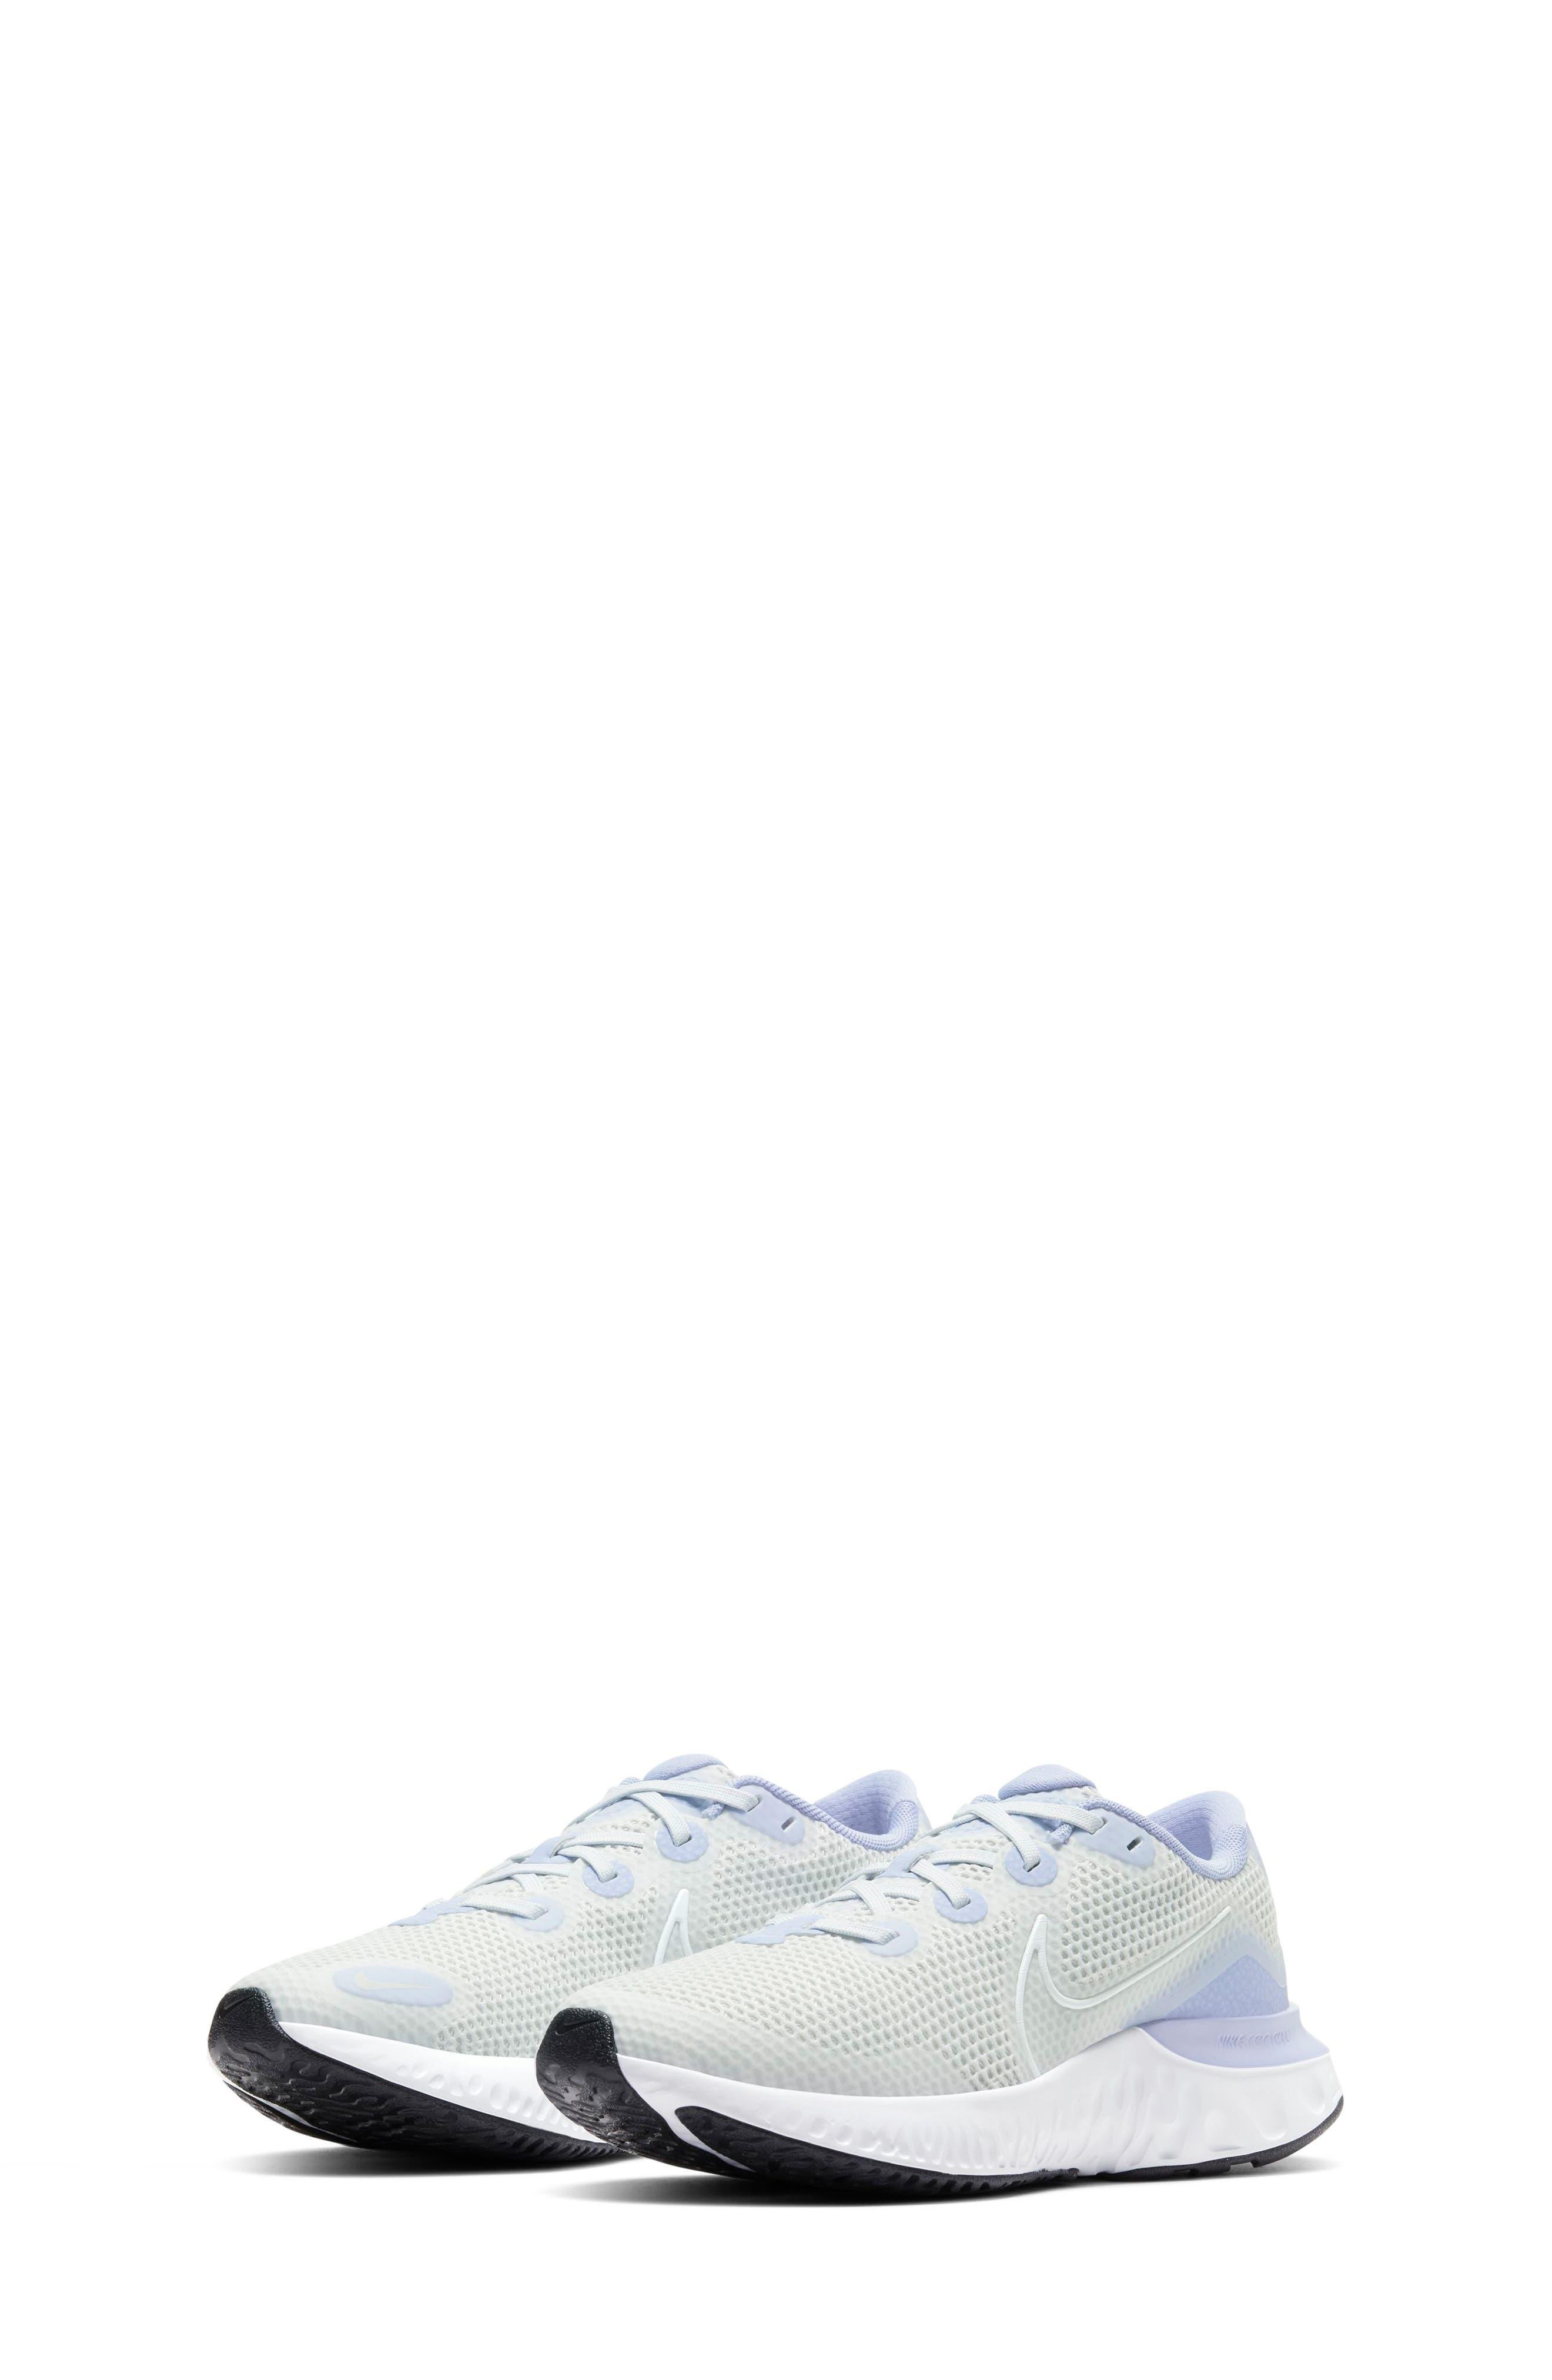 Nike Renew Run GS Running Shoe